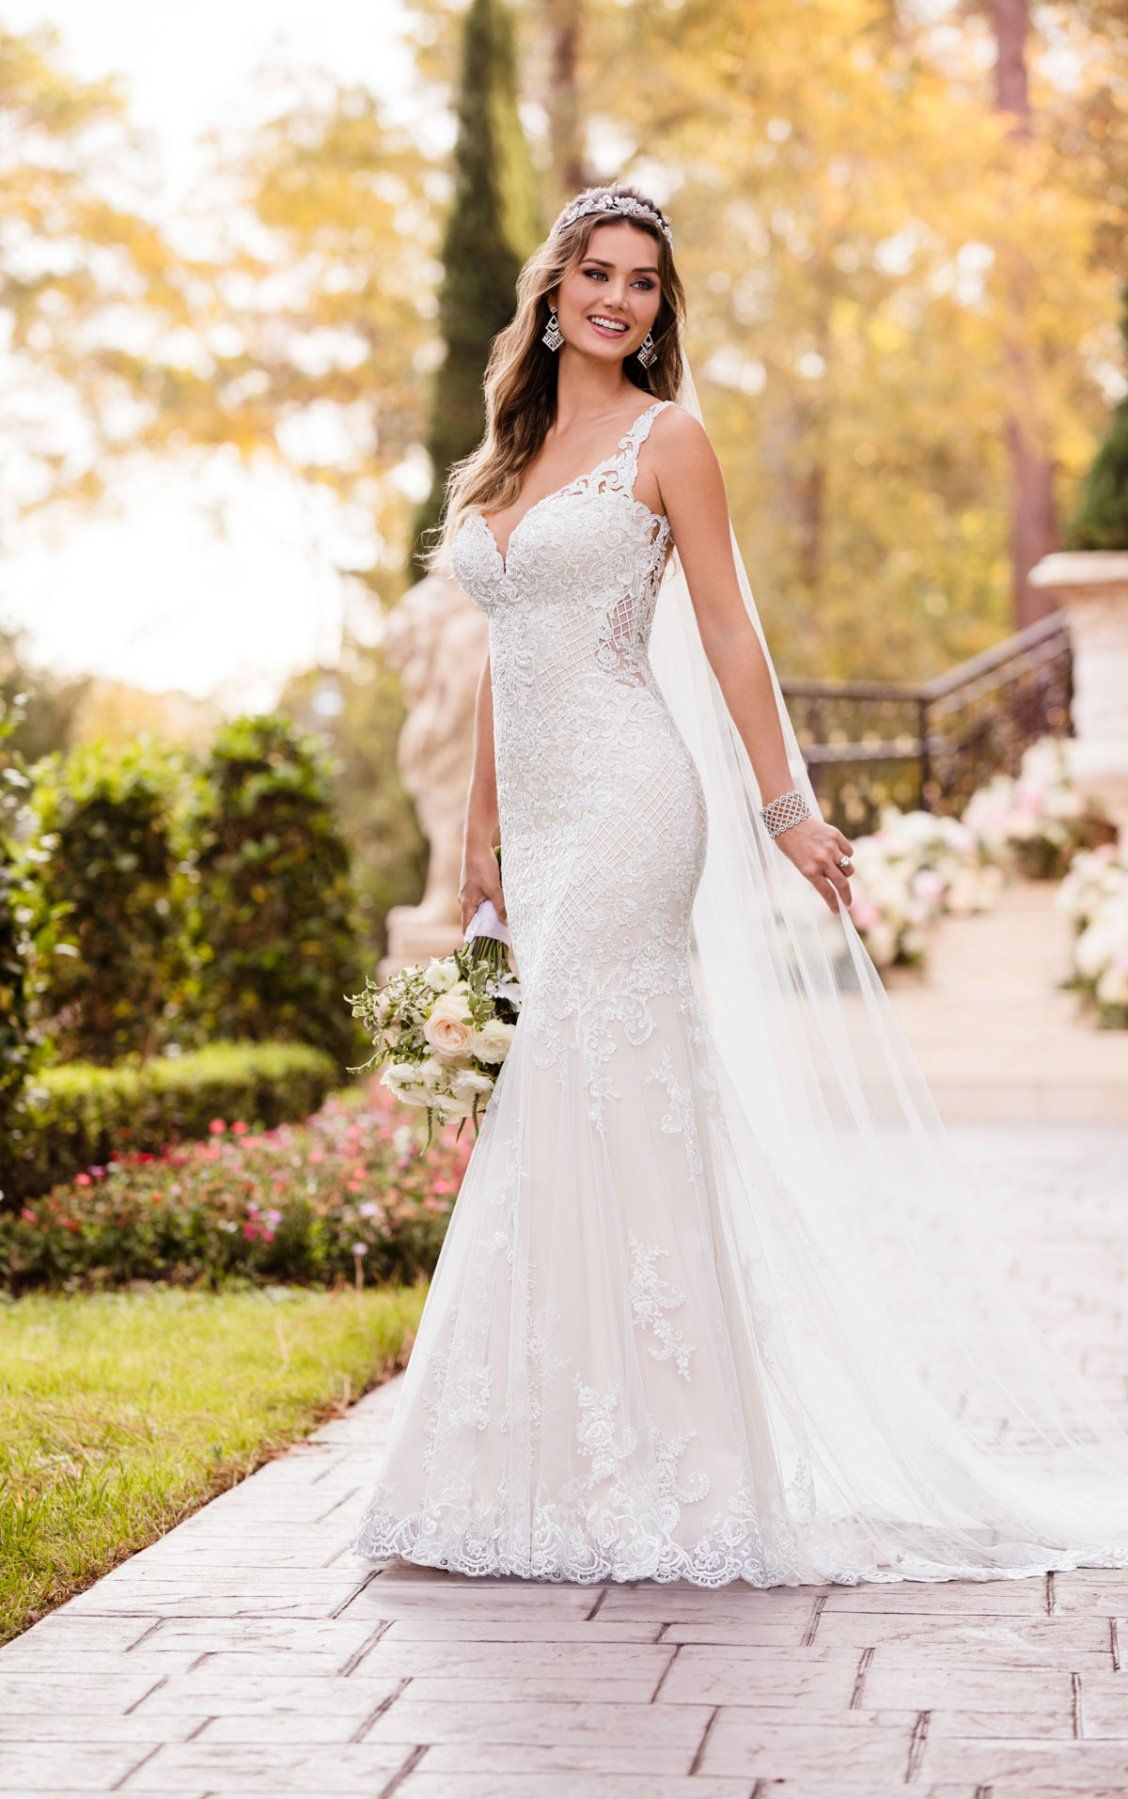 Vintage Wedding Dresses Curve Hugging Vintage Wedding Gown Stella York Wedding Dresses Lace Stella York Wedding Dress Wedding Gowns Vintage